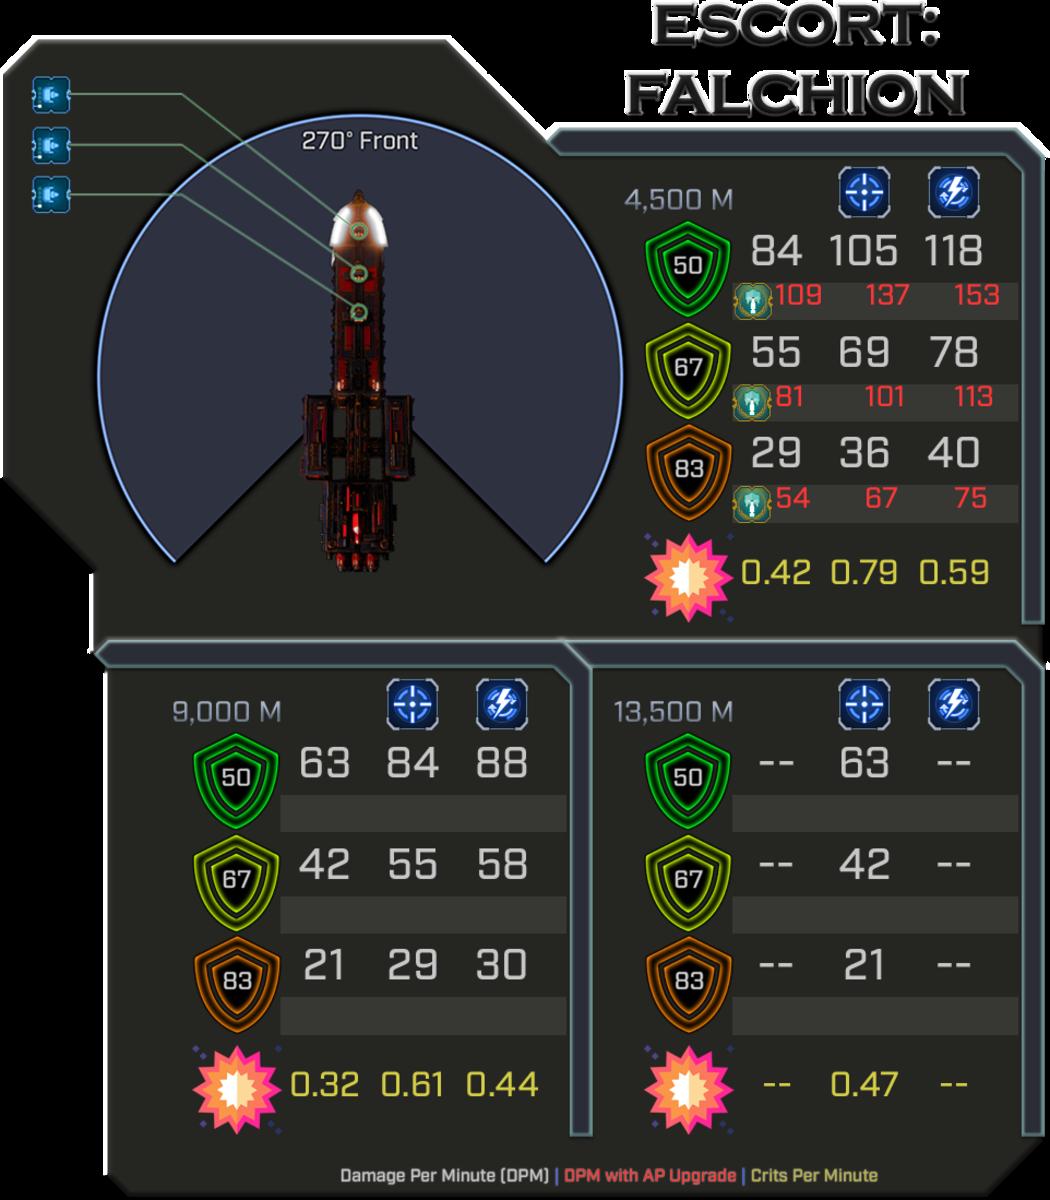 Ad-Mech Falchion - Weapon Damage Profile